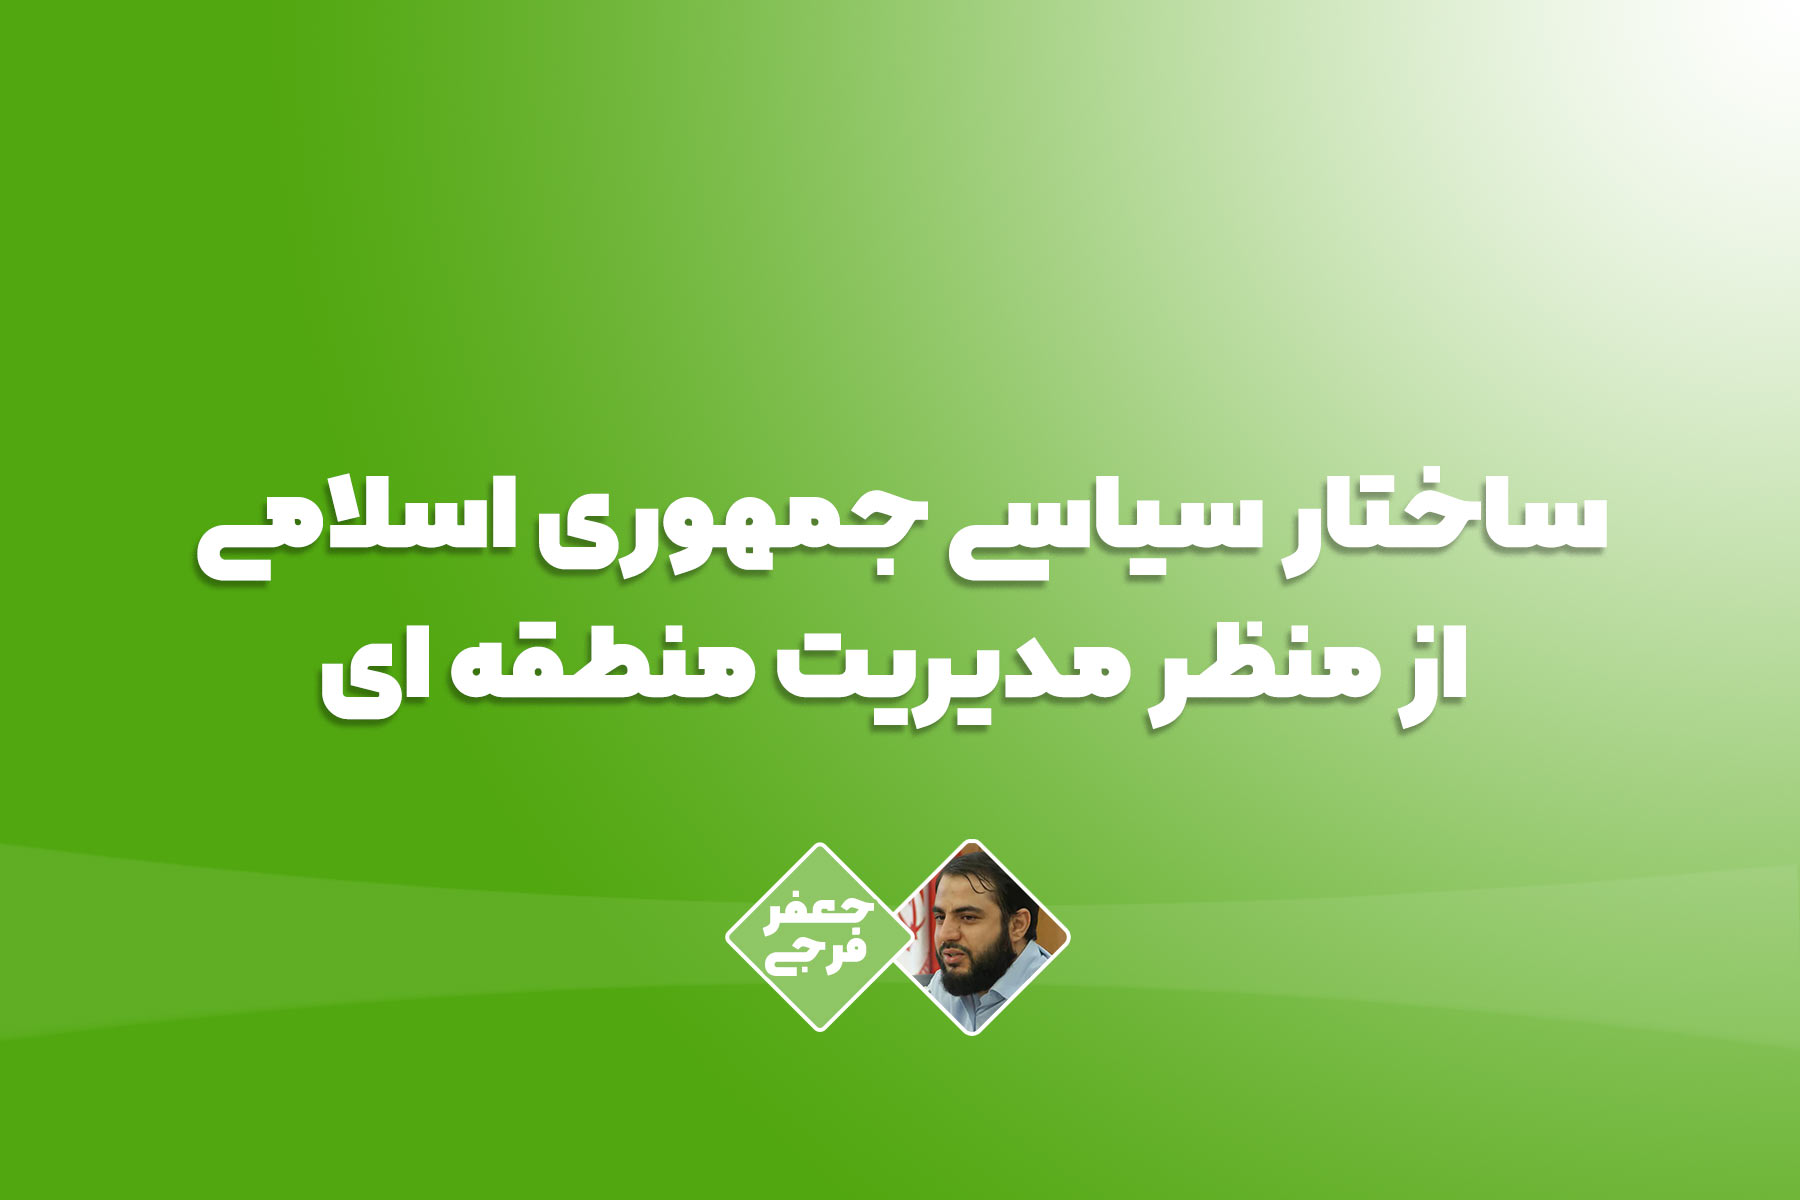 ساختار سیاسی جمهوری اسلامی ایران از منظر مدیریت منطقه ای